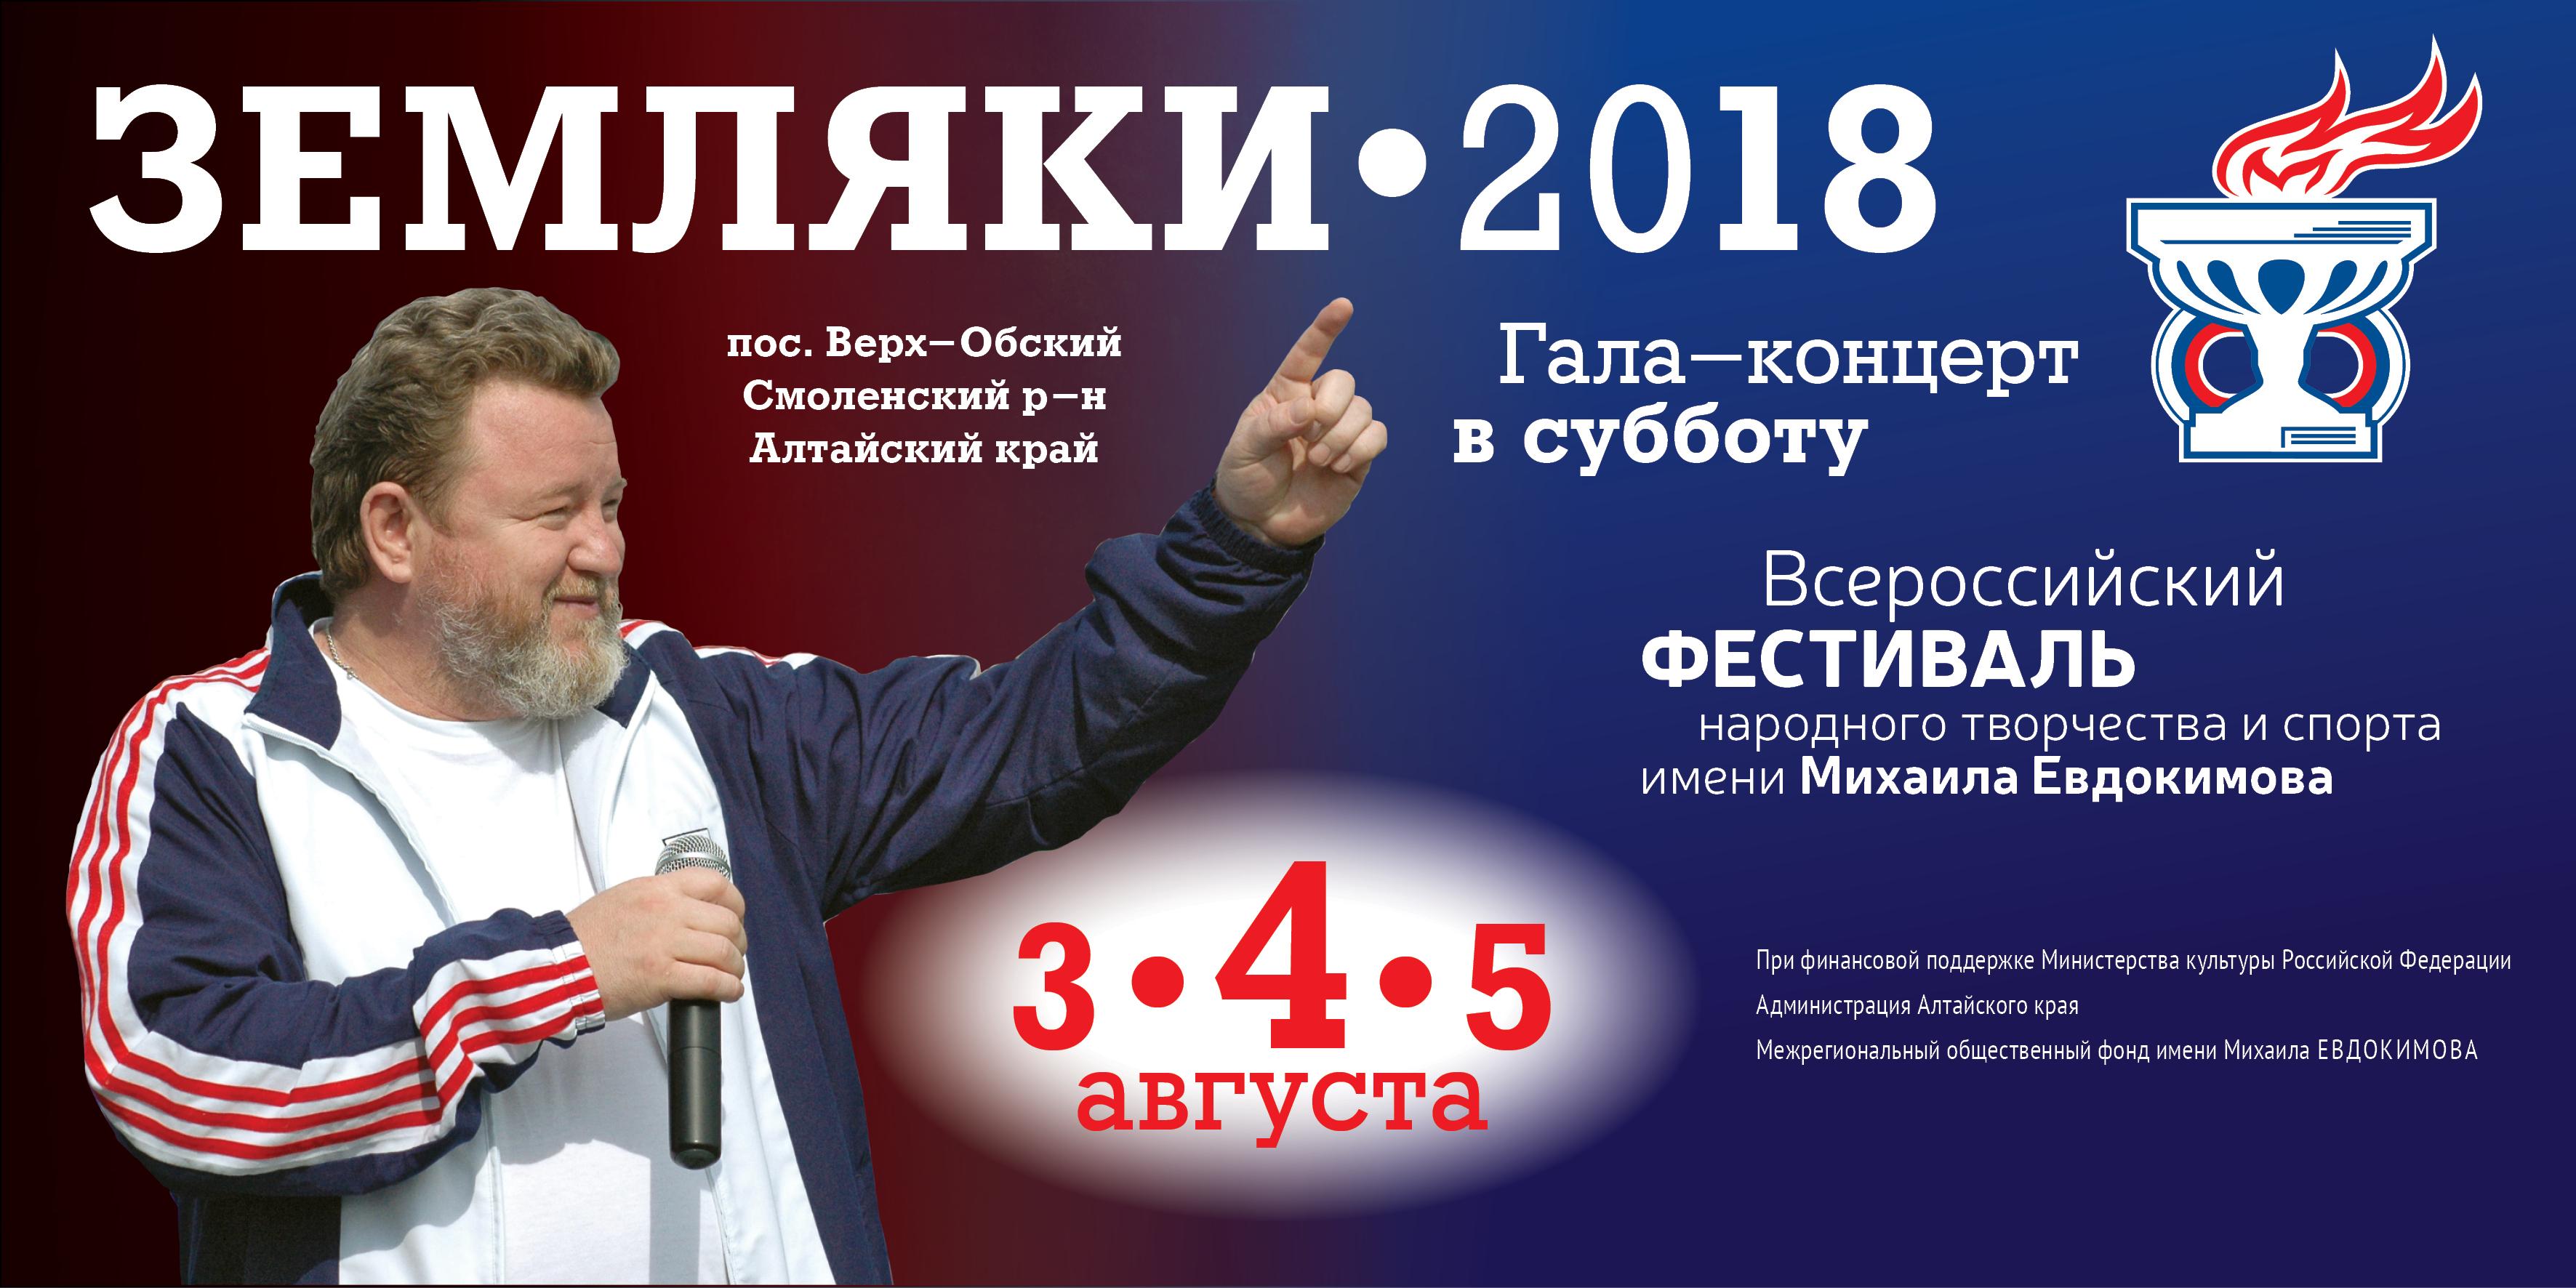 Ссылка на программу Фестиваля «Земляки» 2018